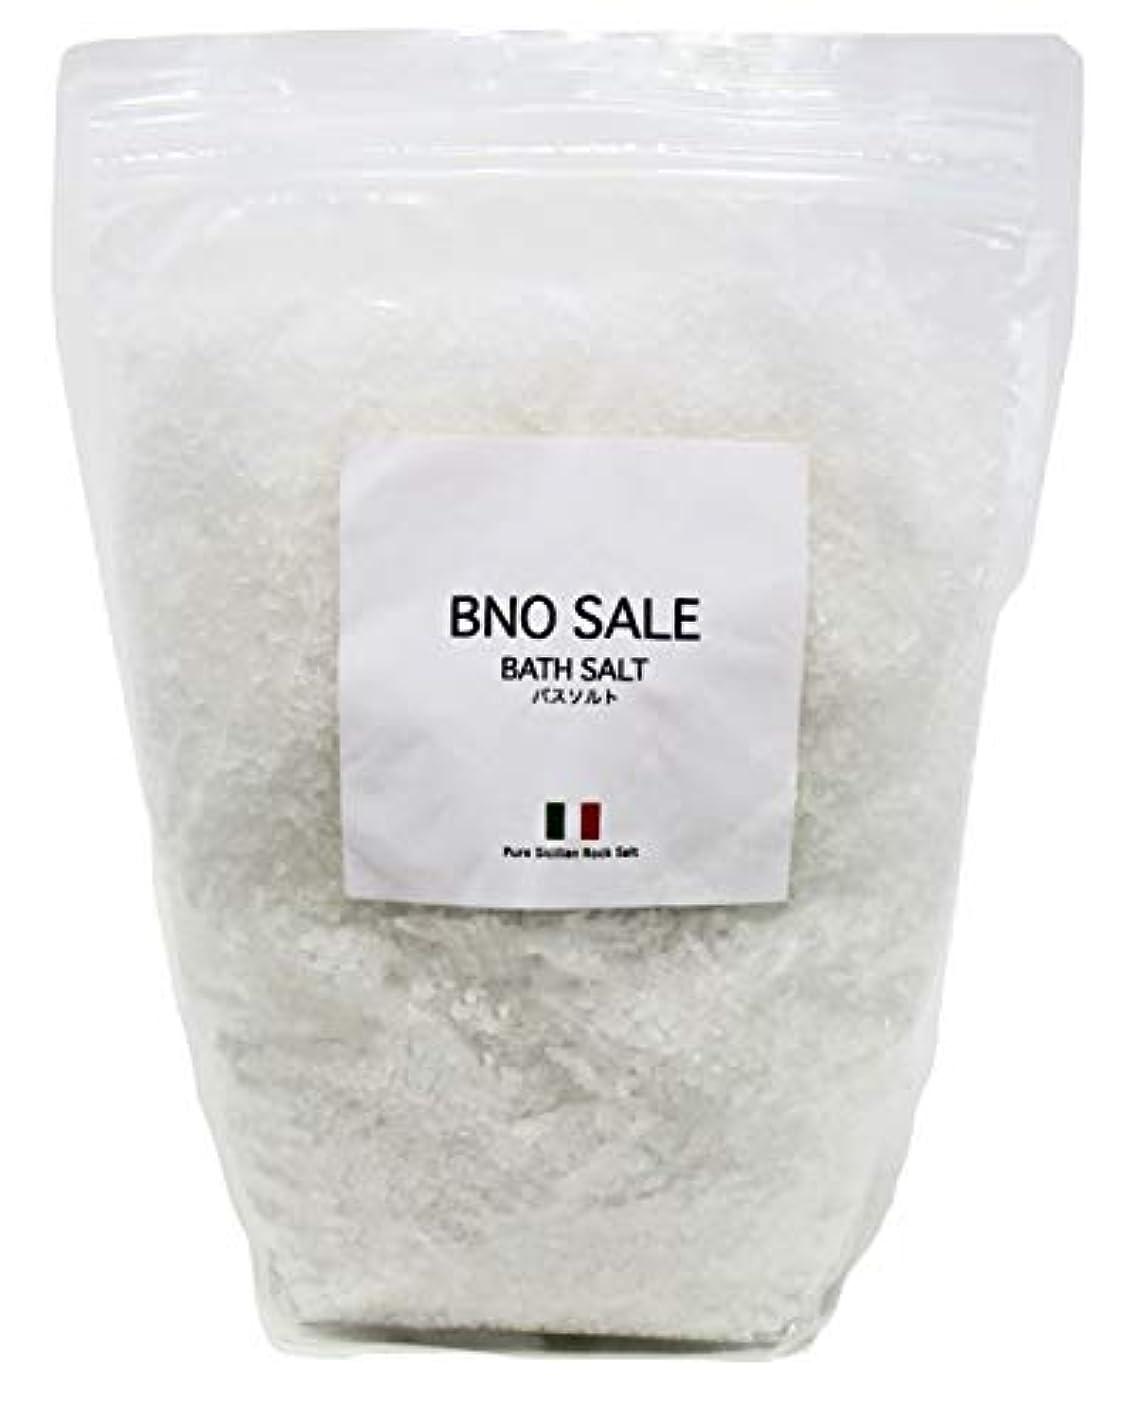 シチリア産 岩塩 2Kg バスソルト BNO SALE ヴィノサーレ マグネシウム 保湿 入浴剤 計量スプーン付